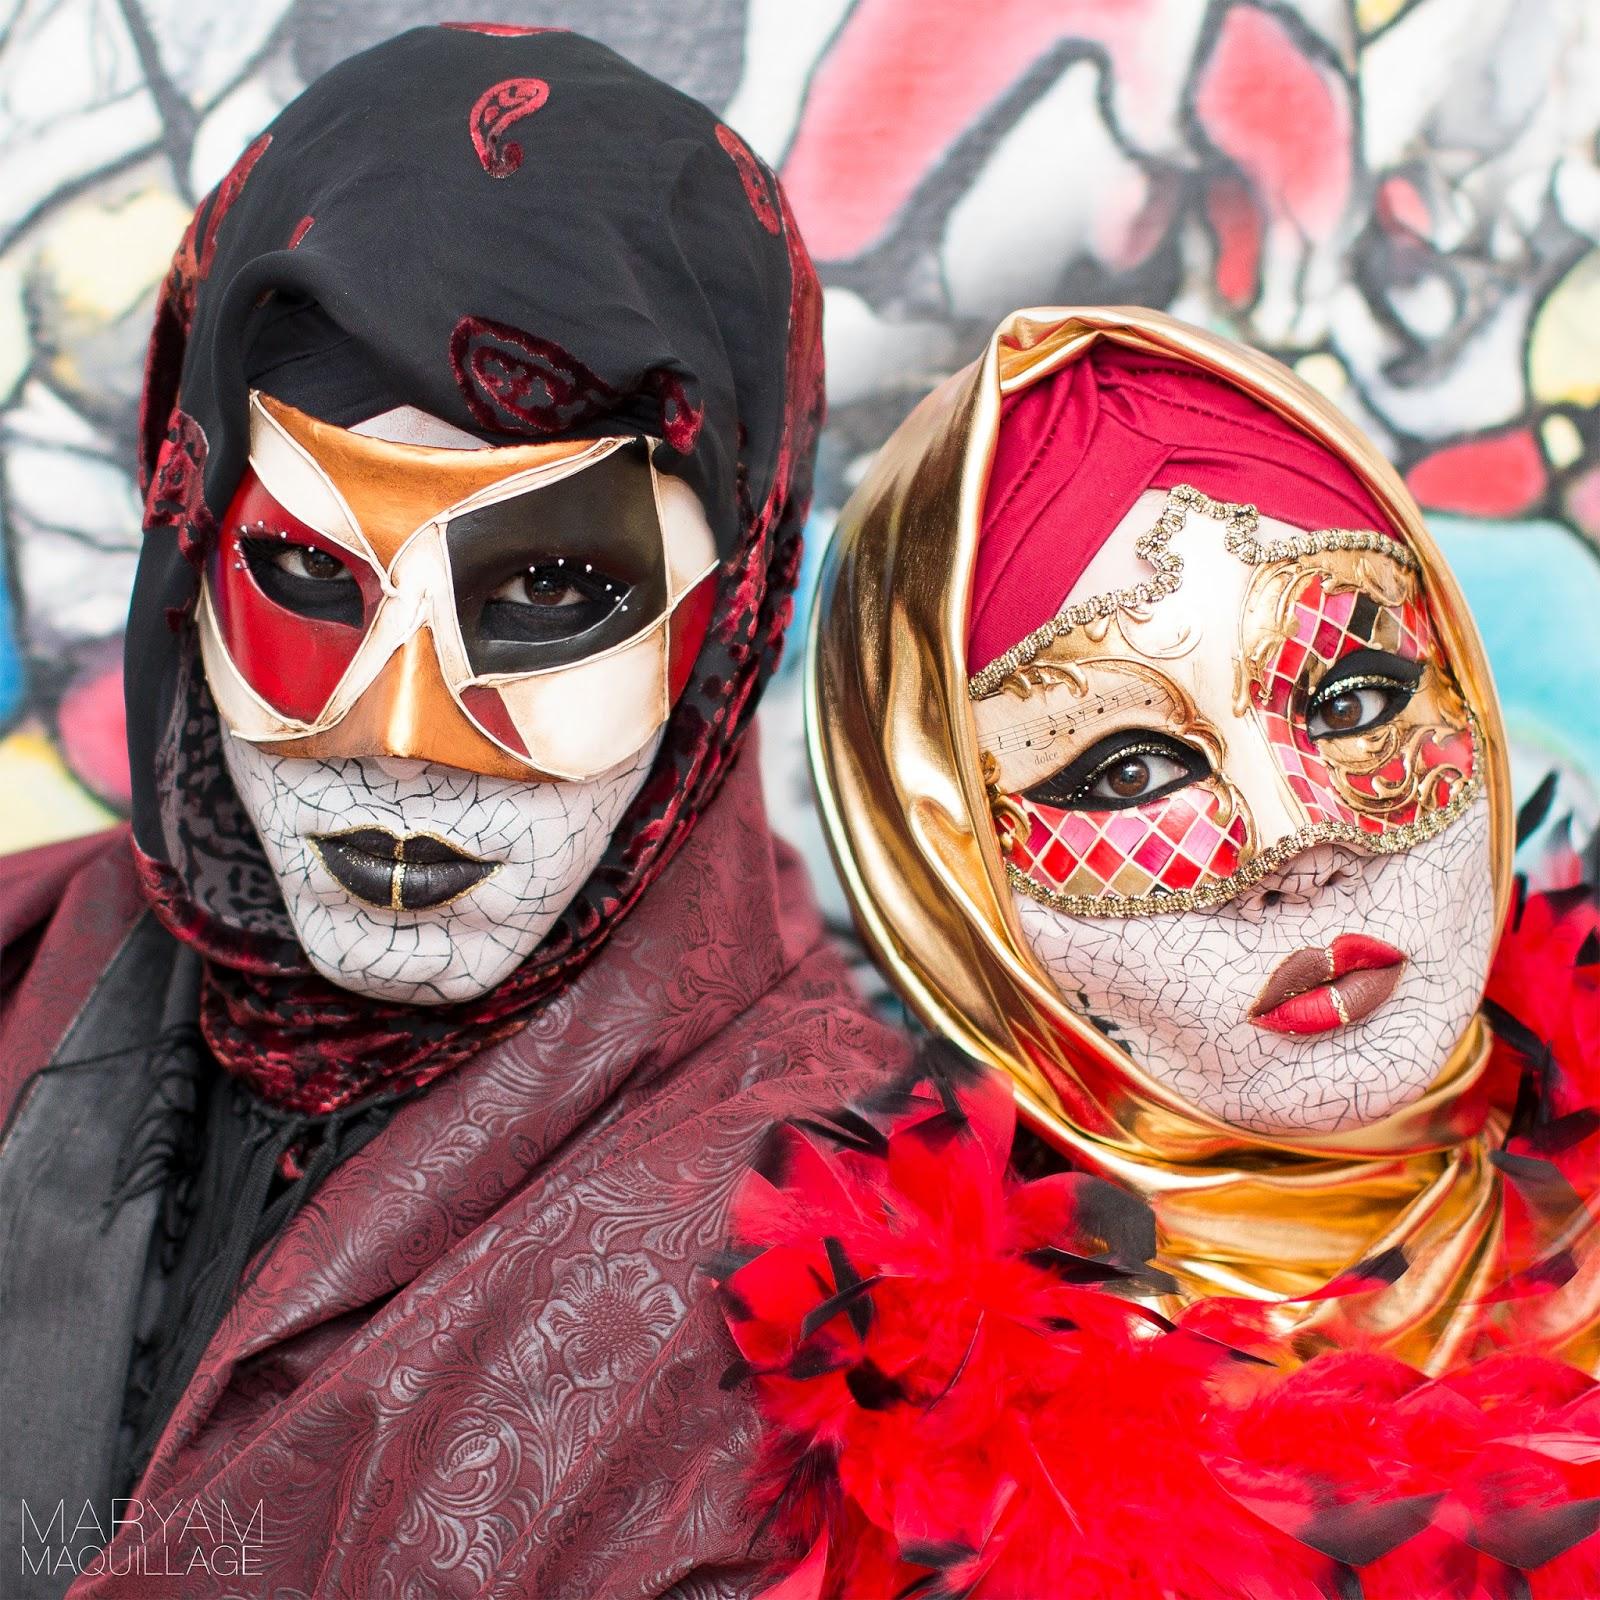 Maryam Maquillage Venetian Assassins Halloween Makeup